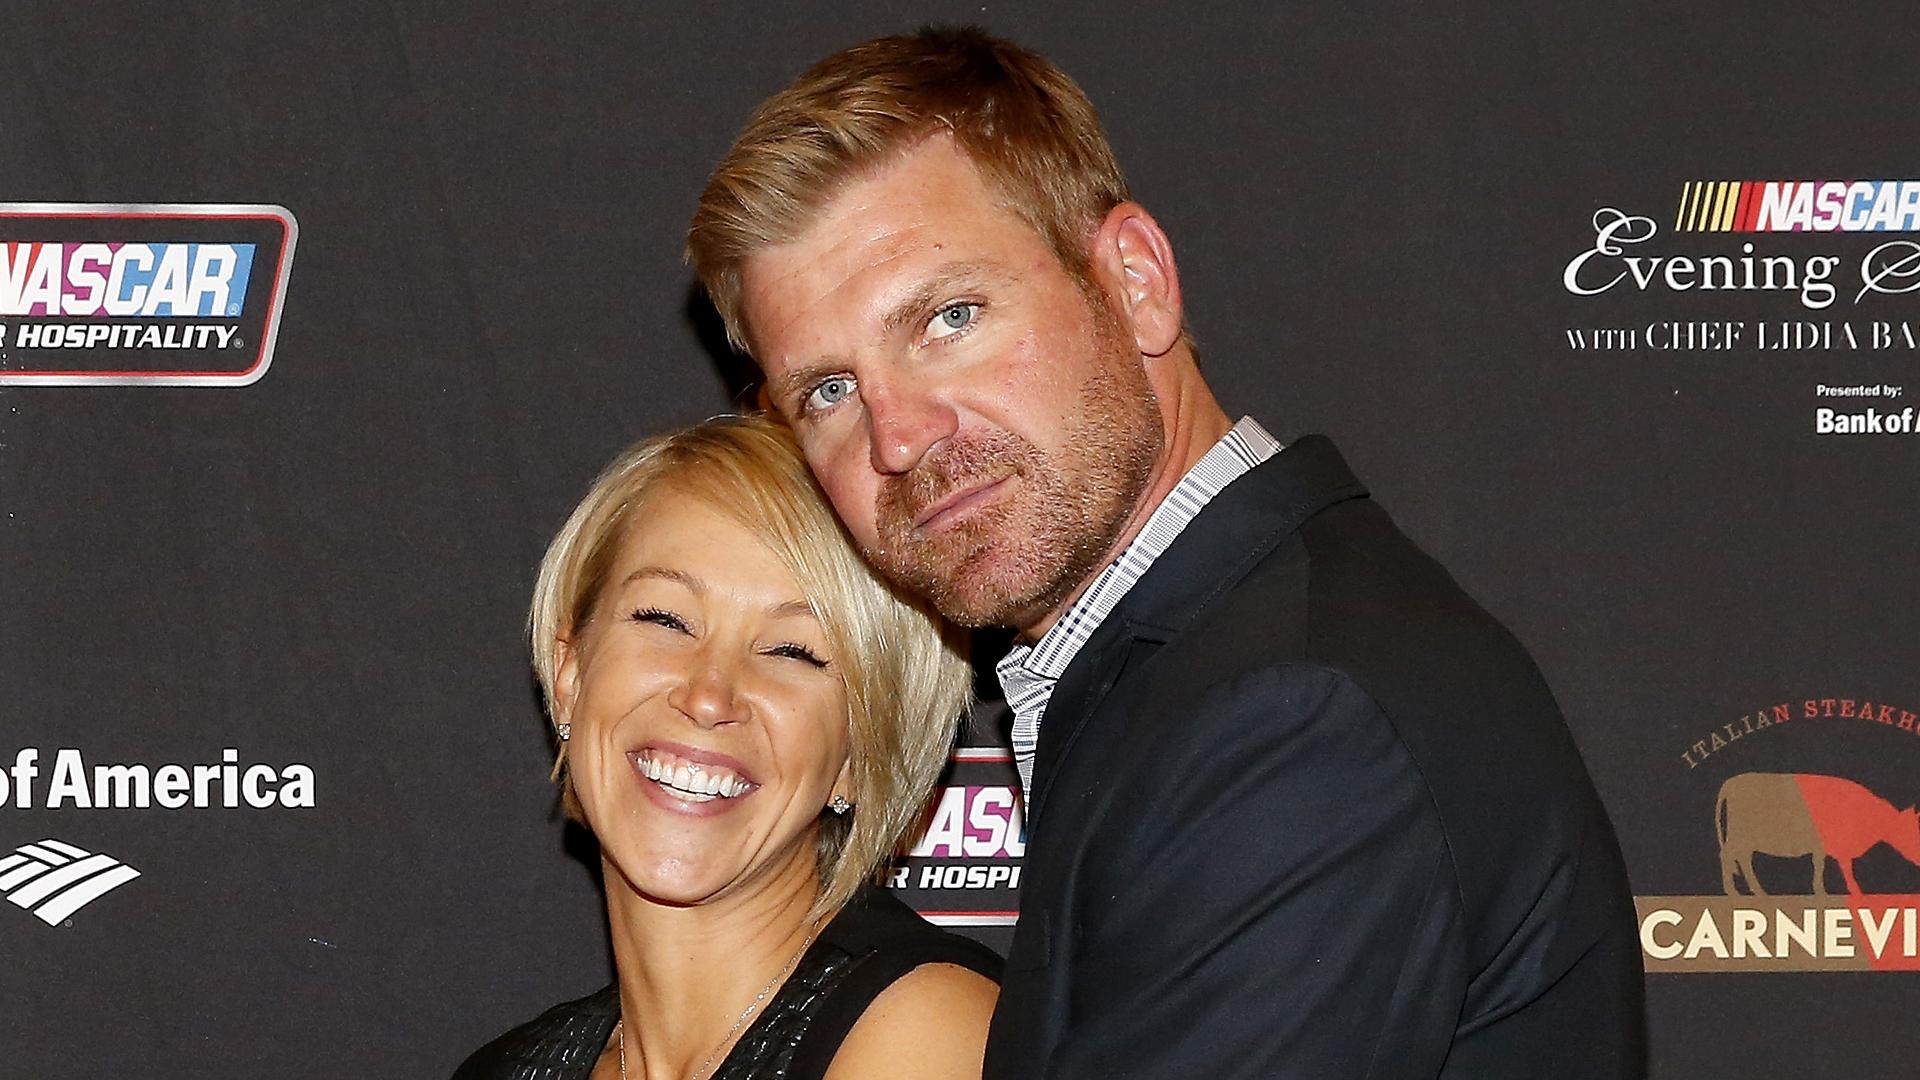 Clint Bowyer-girlfriend-NASCAR-FTR.jpg